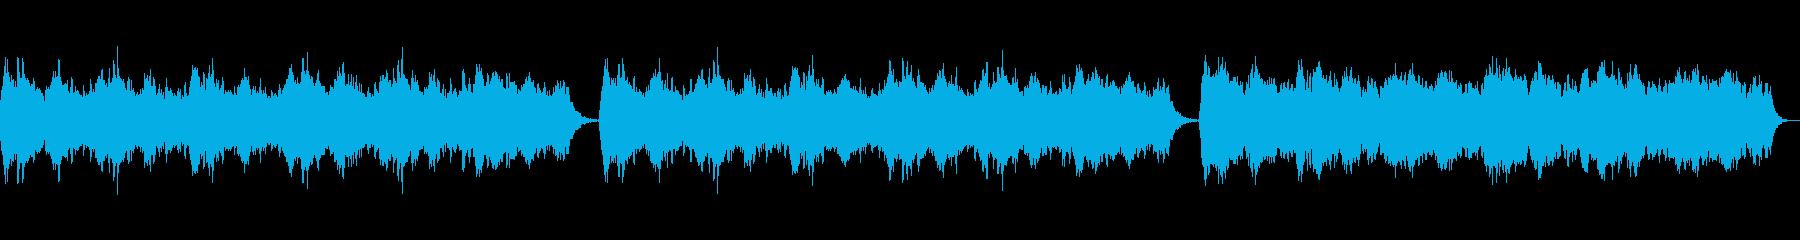 心を落ち着かせてくれる安らぎ音楽の再生済みの波形